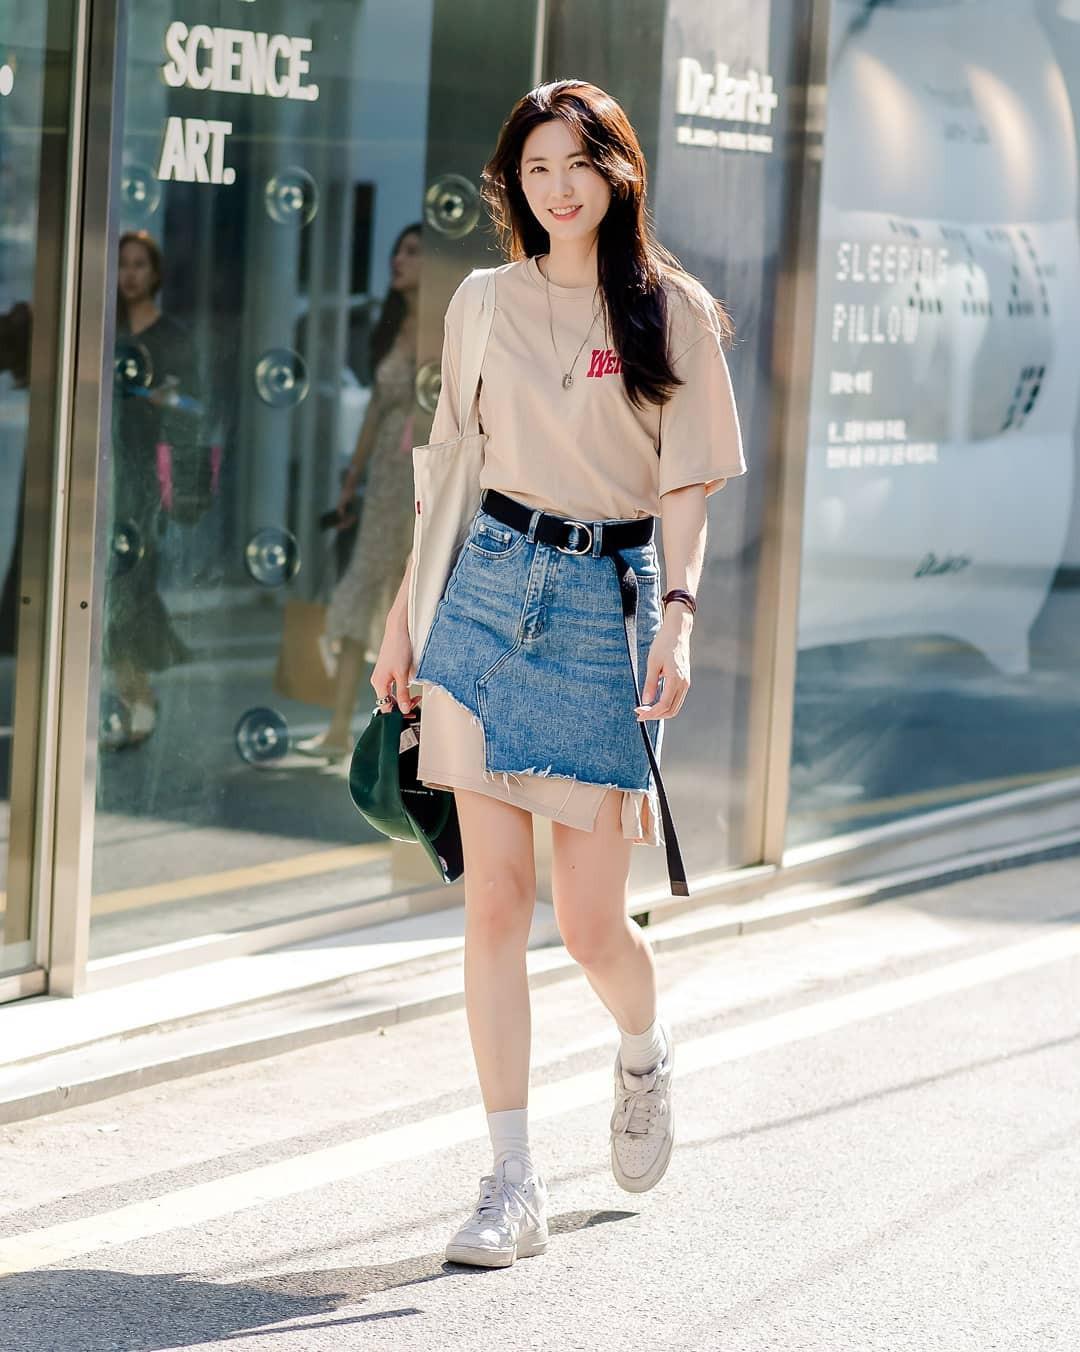 Toàn đồ đơn giản nhưng lại có những cú twist chẳng ai nghĩ ra, street style của giới trẻ Hàn sẽ khiến bạn phục sát đất - Ảnh 1.